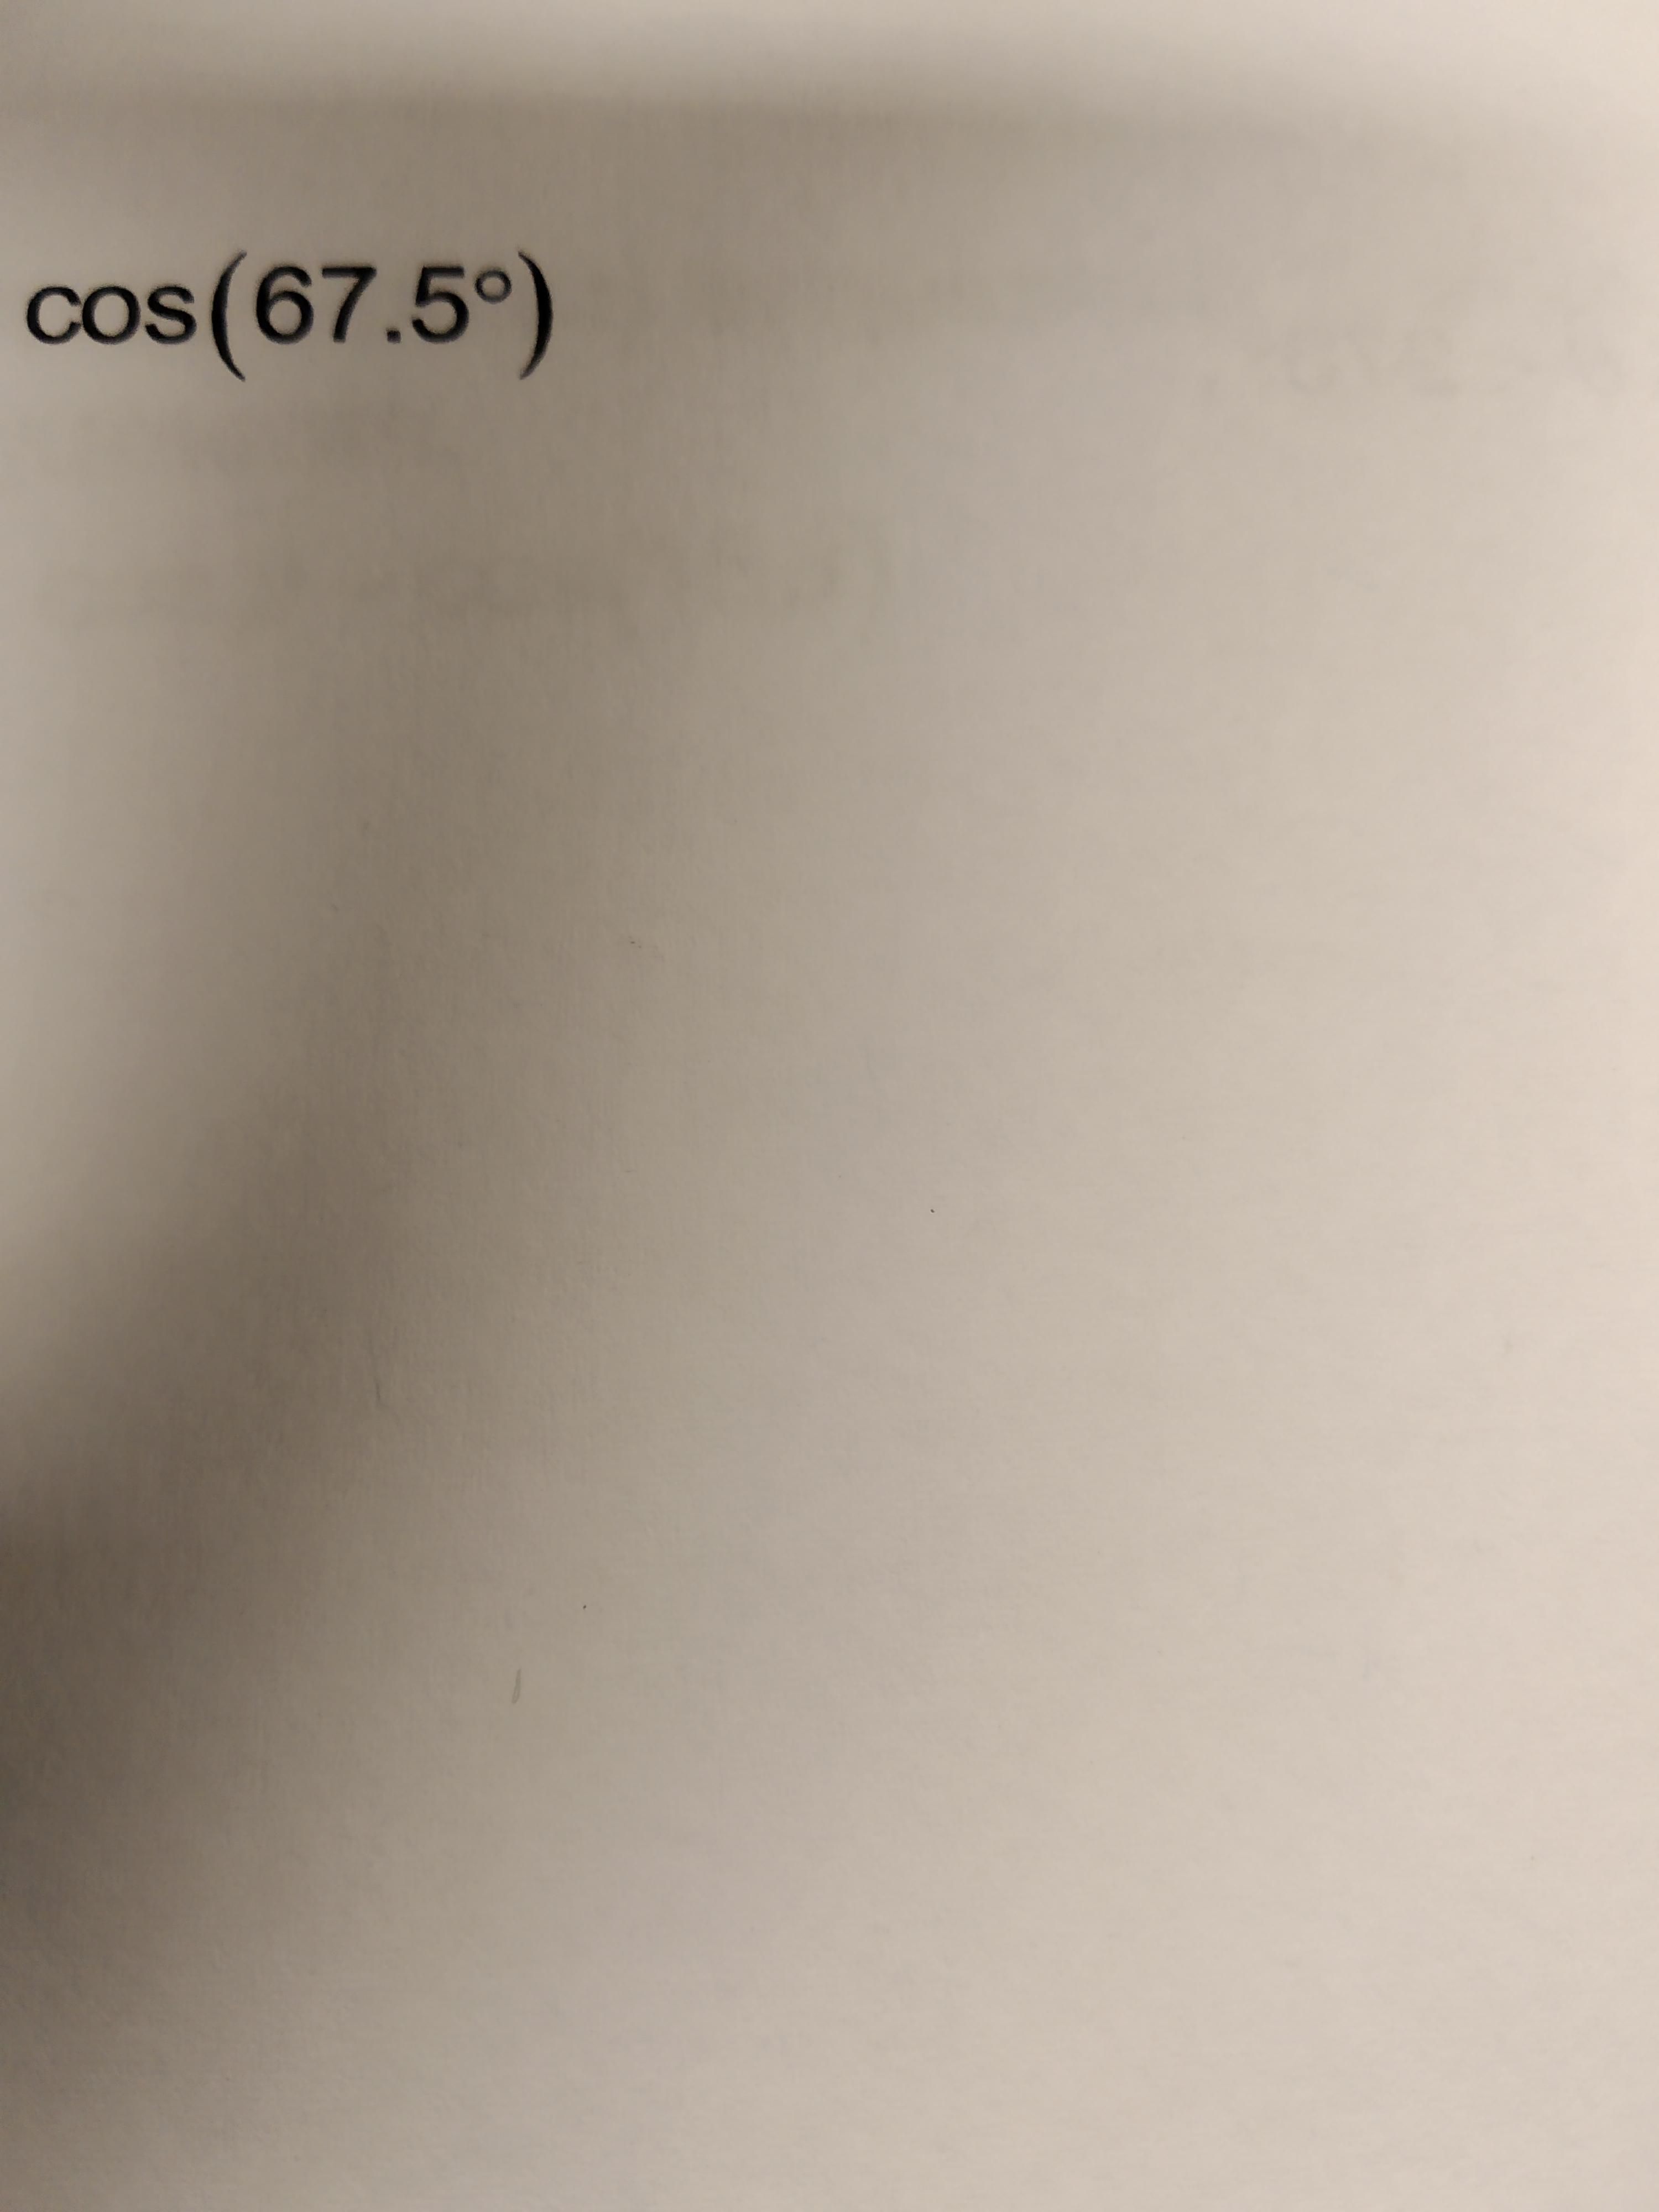 cos(67.5°)